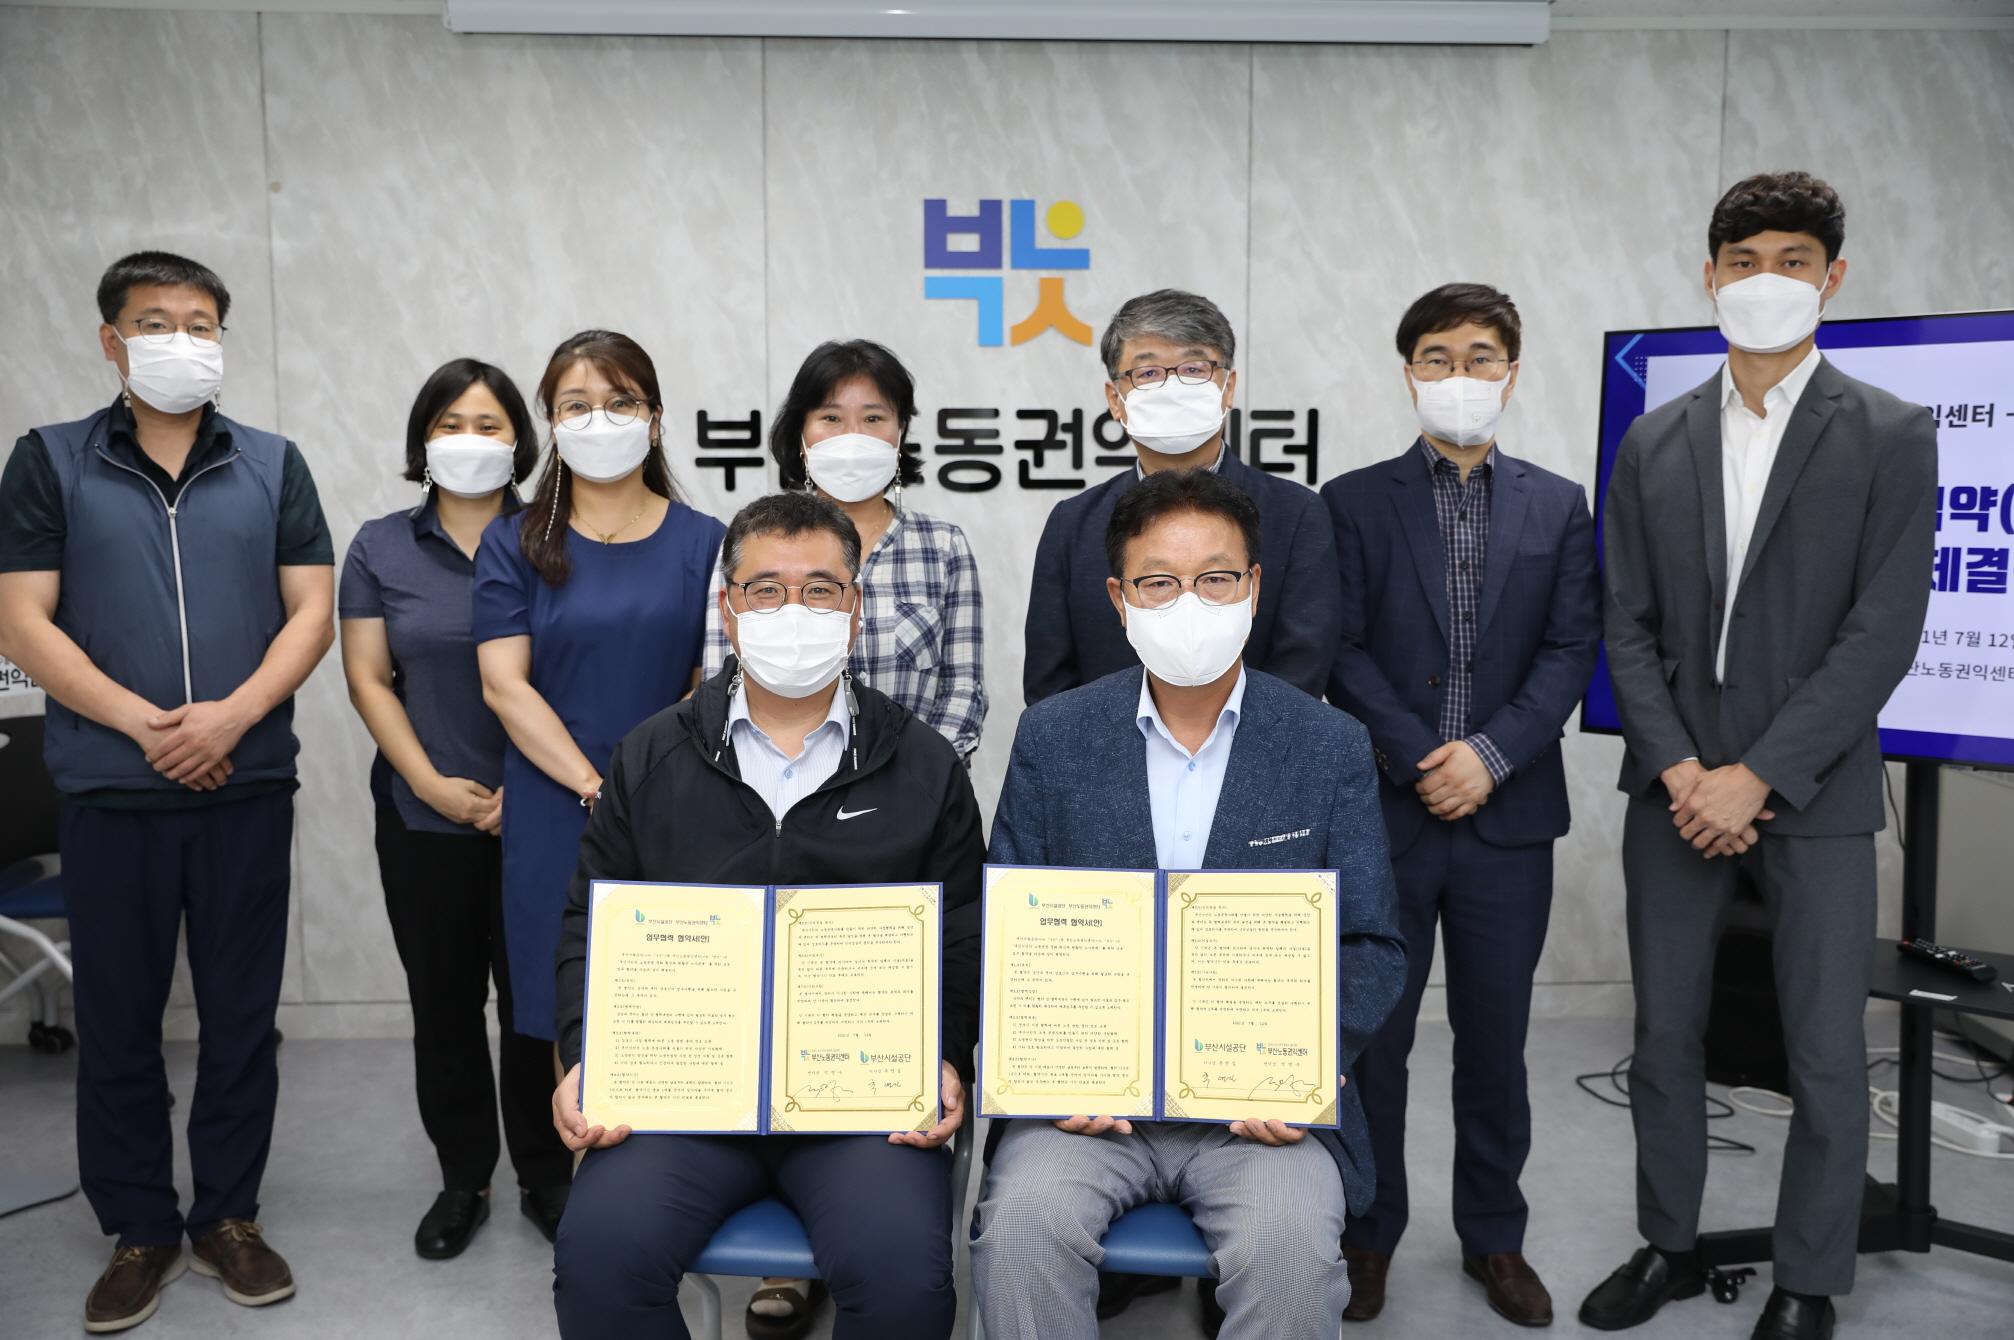 부산노동권익센터와 업무협약 체결